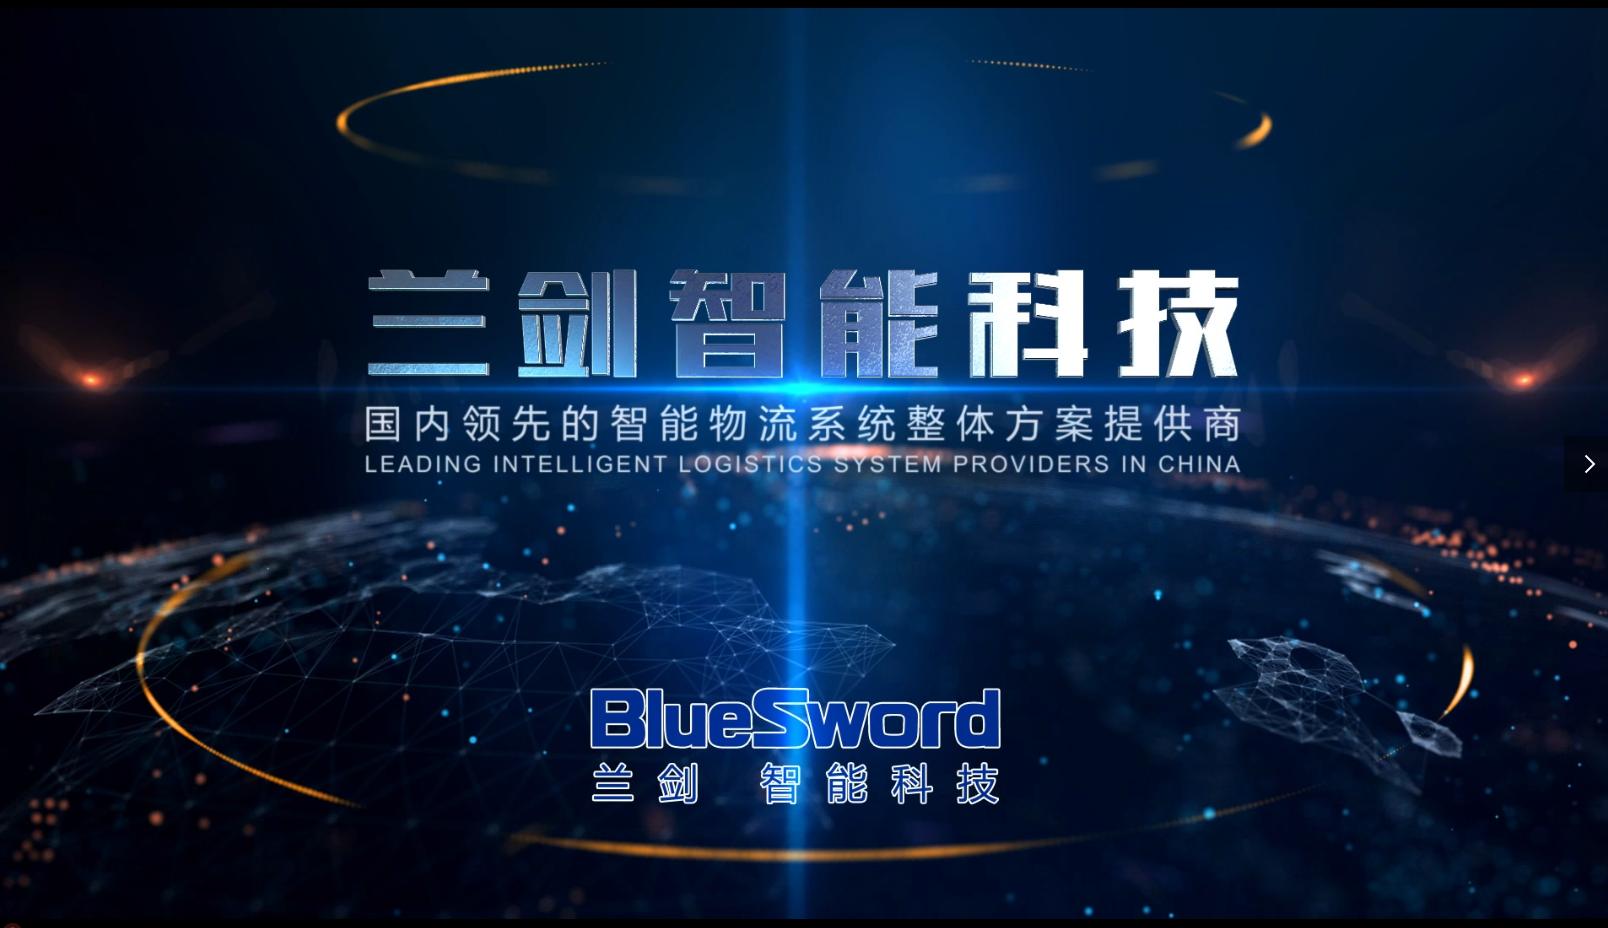 兰剑智能科技